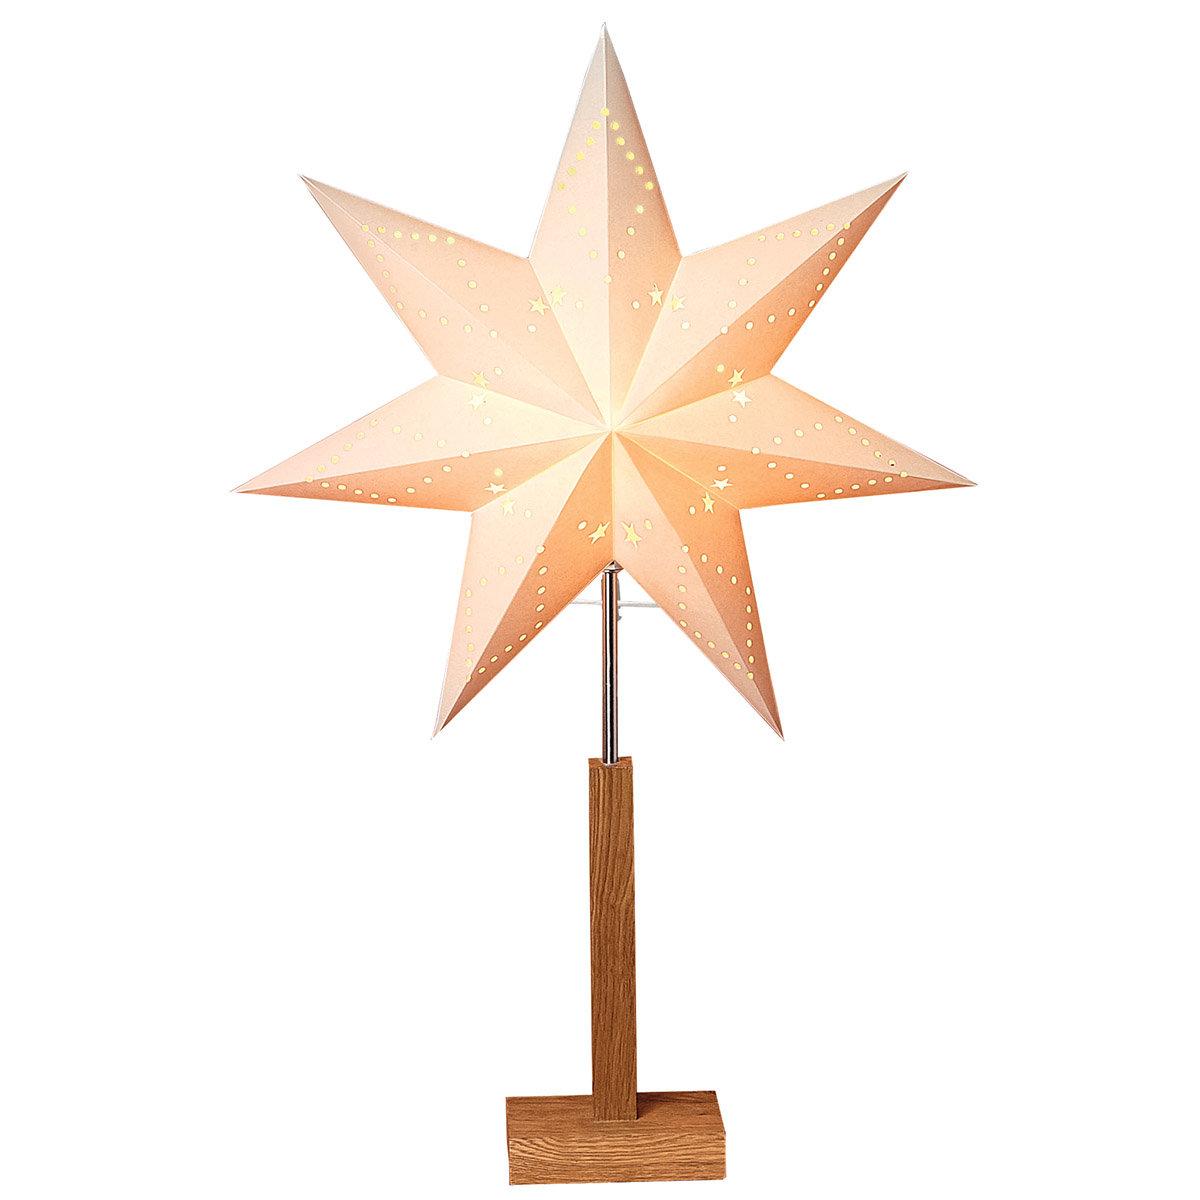 Standleuchte Winter Starlight, 70x43x15 cm, Holz und Papier, beige | #2